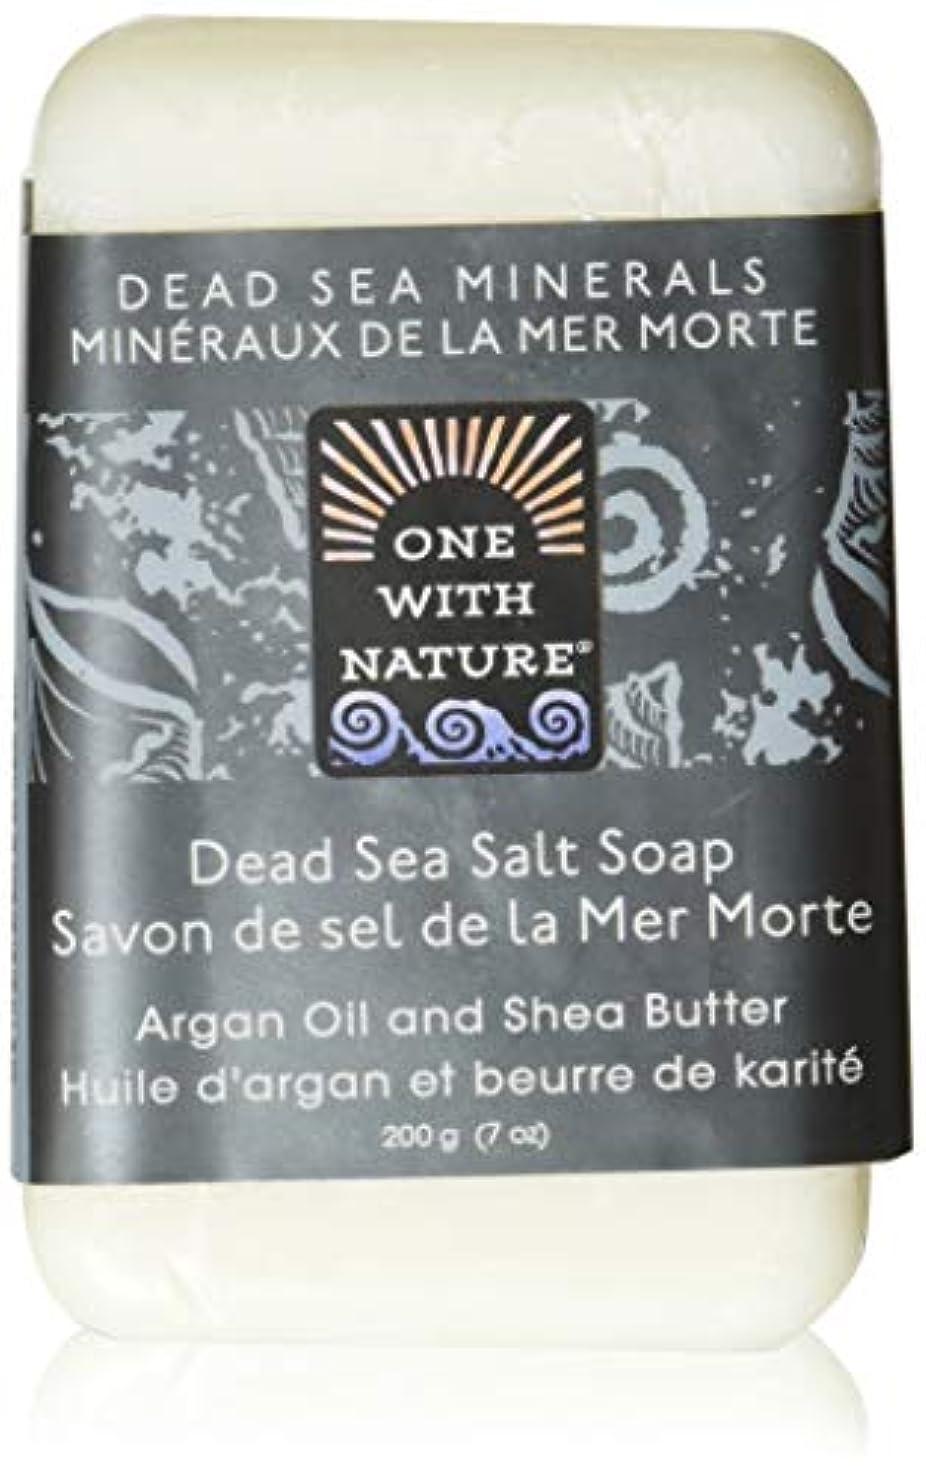 ボイラー文芸通路Dead Sea Mineral Dead Sea Salt Soap - 7 oz by One With Nature